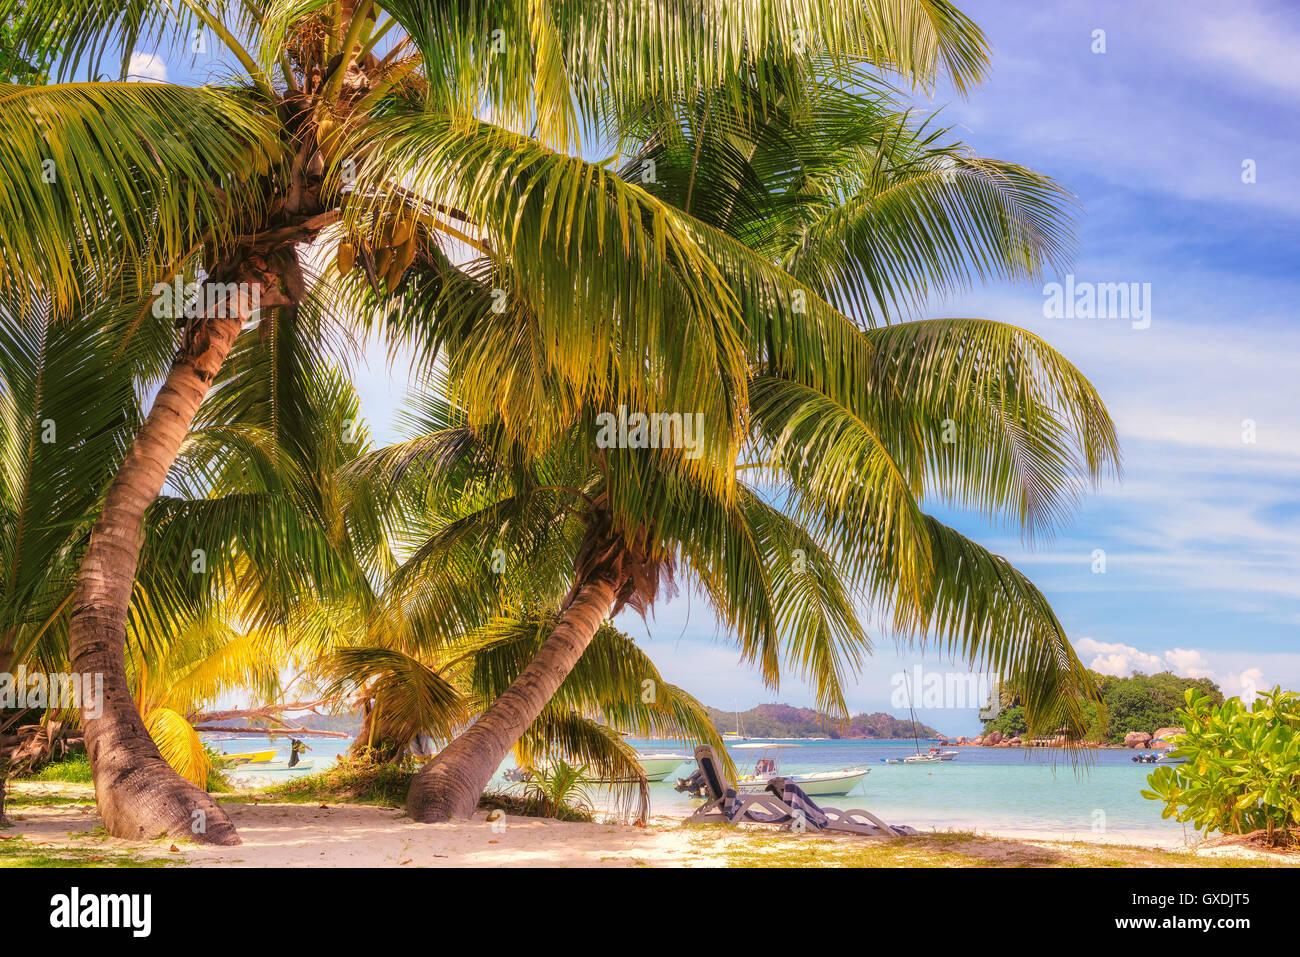 Plage sur l'île tropicale. Photo Stock